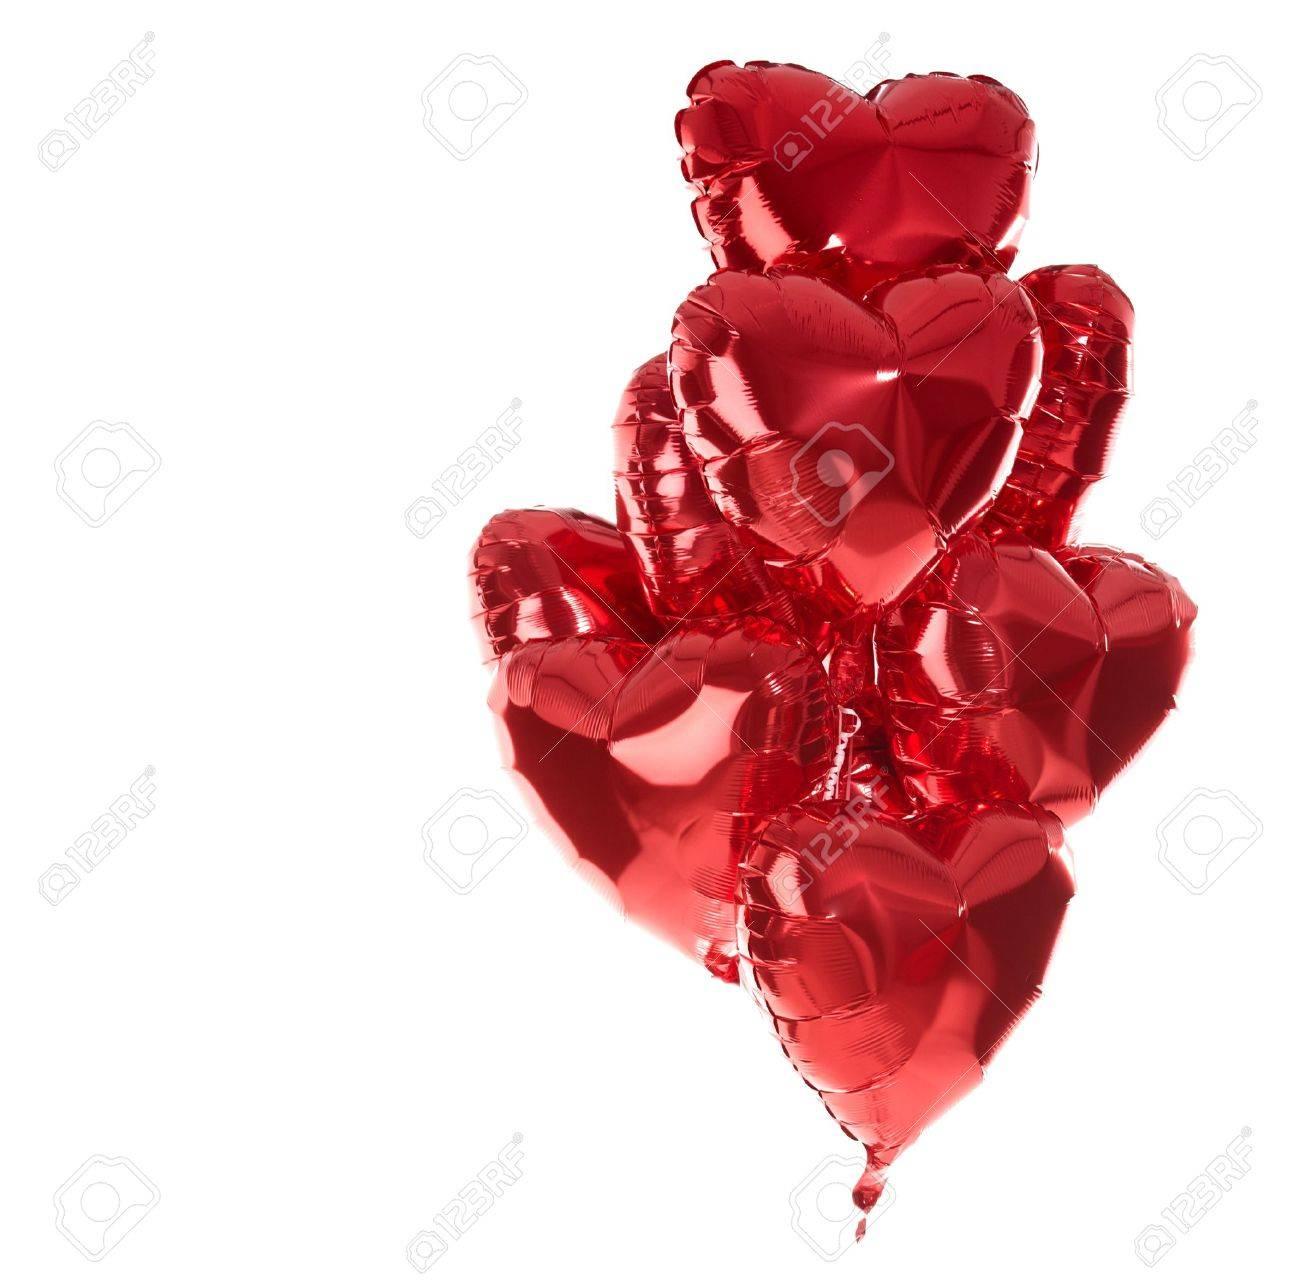 Ballons De Joyeux Anniversaire Amour Coeur Parti Décoration Rouge Saint Valentin